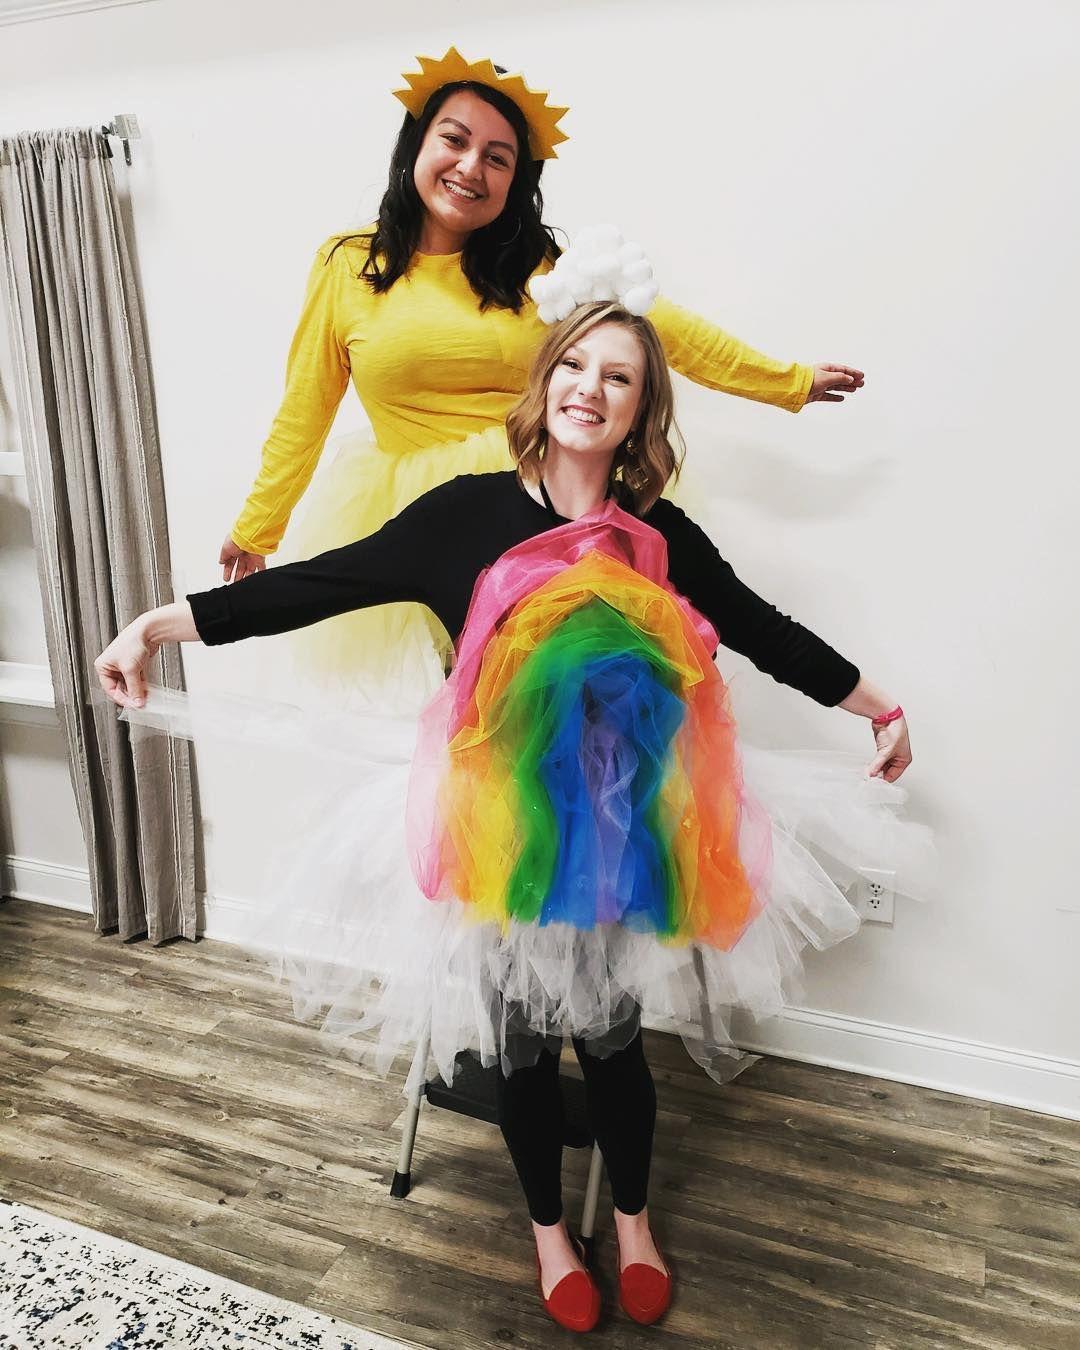 35 Best Friend Halloween Costumes , Matching DIY Halloween Ideas